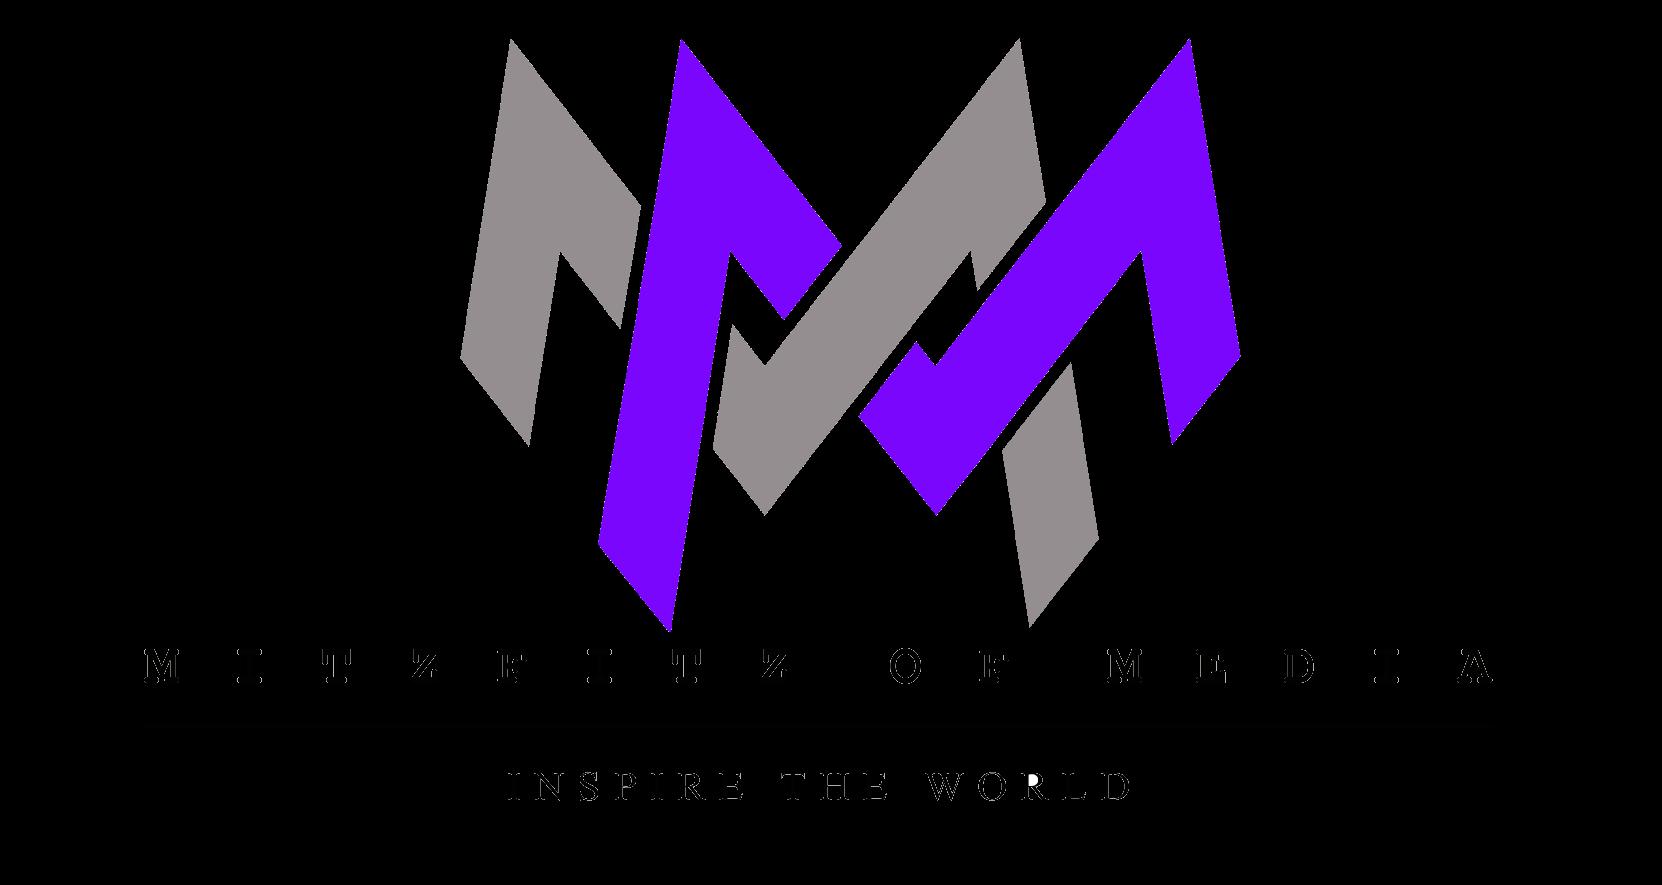 Mitzfitz of Media